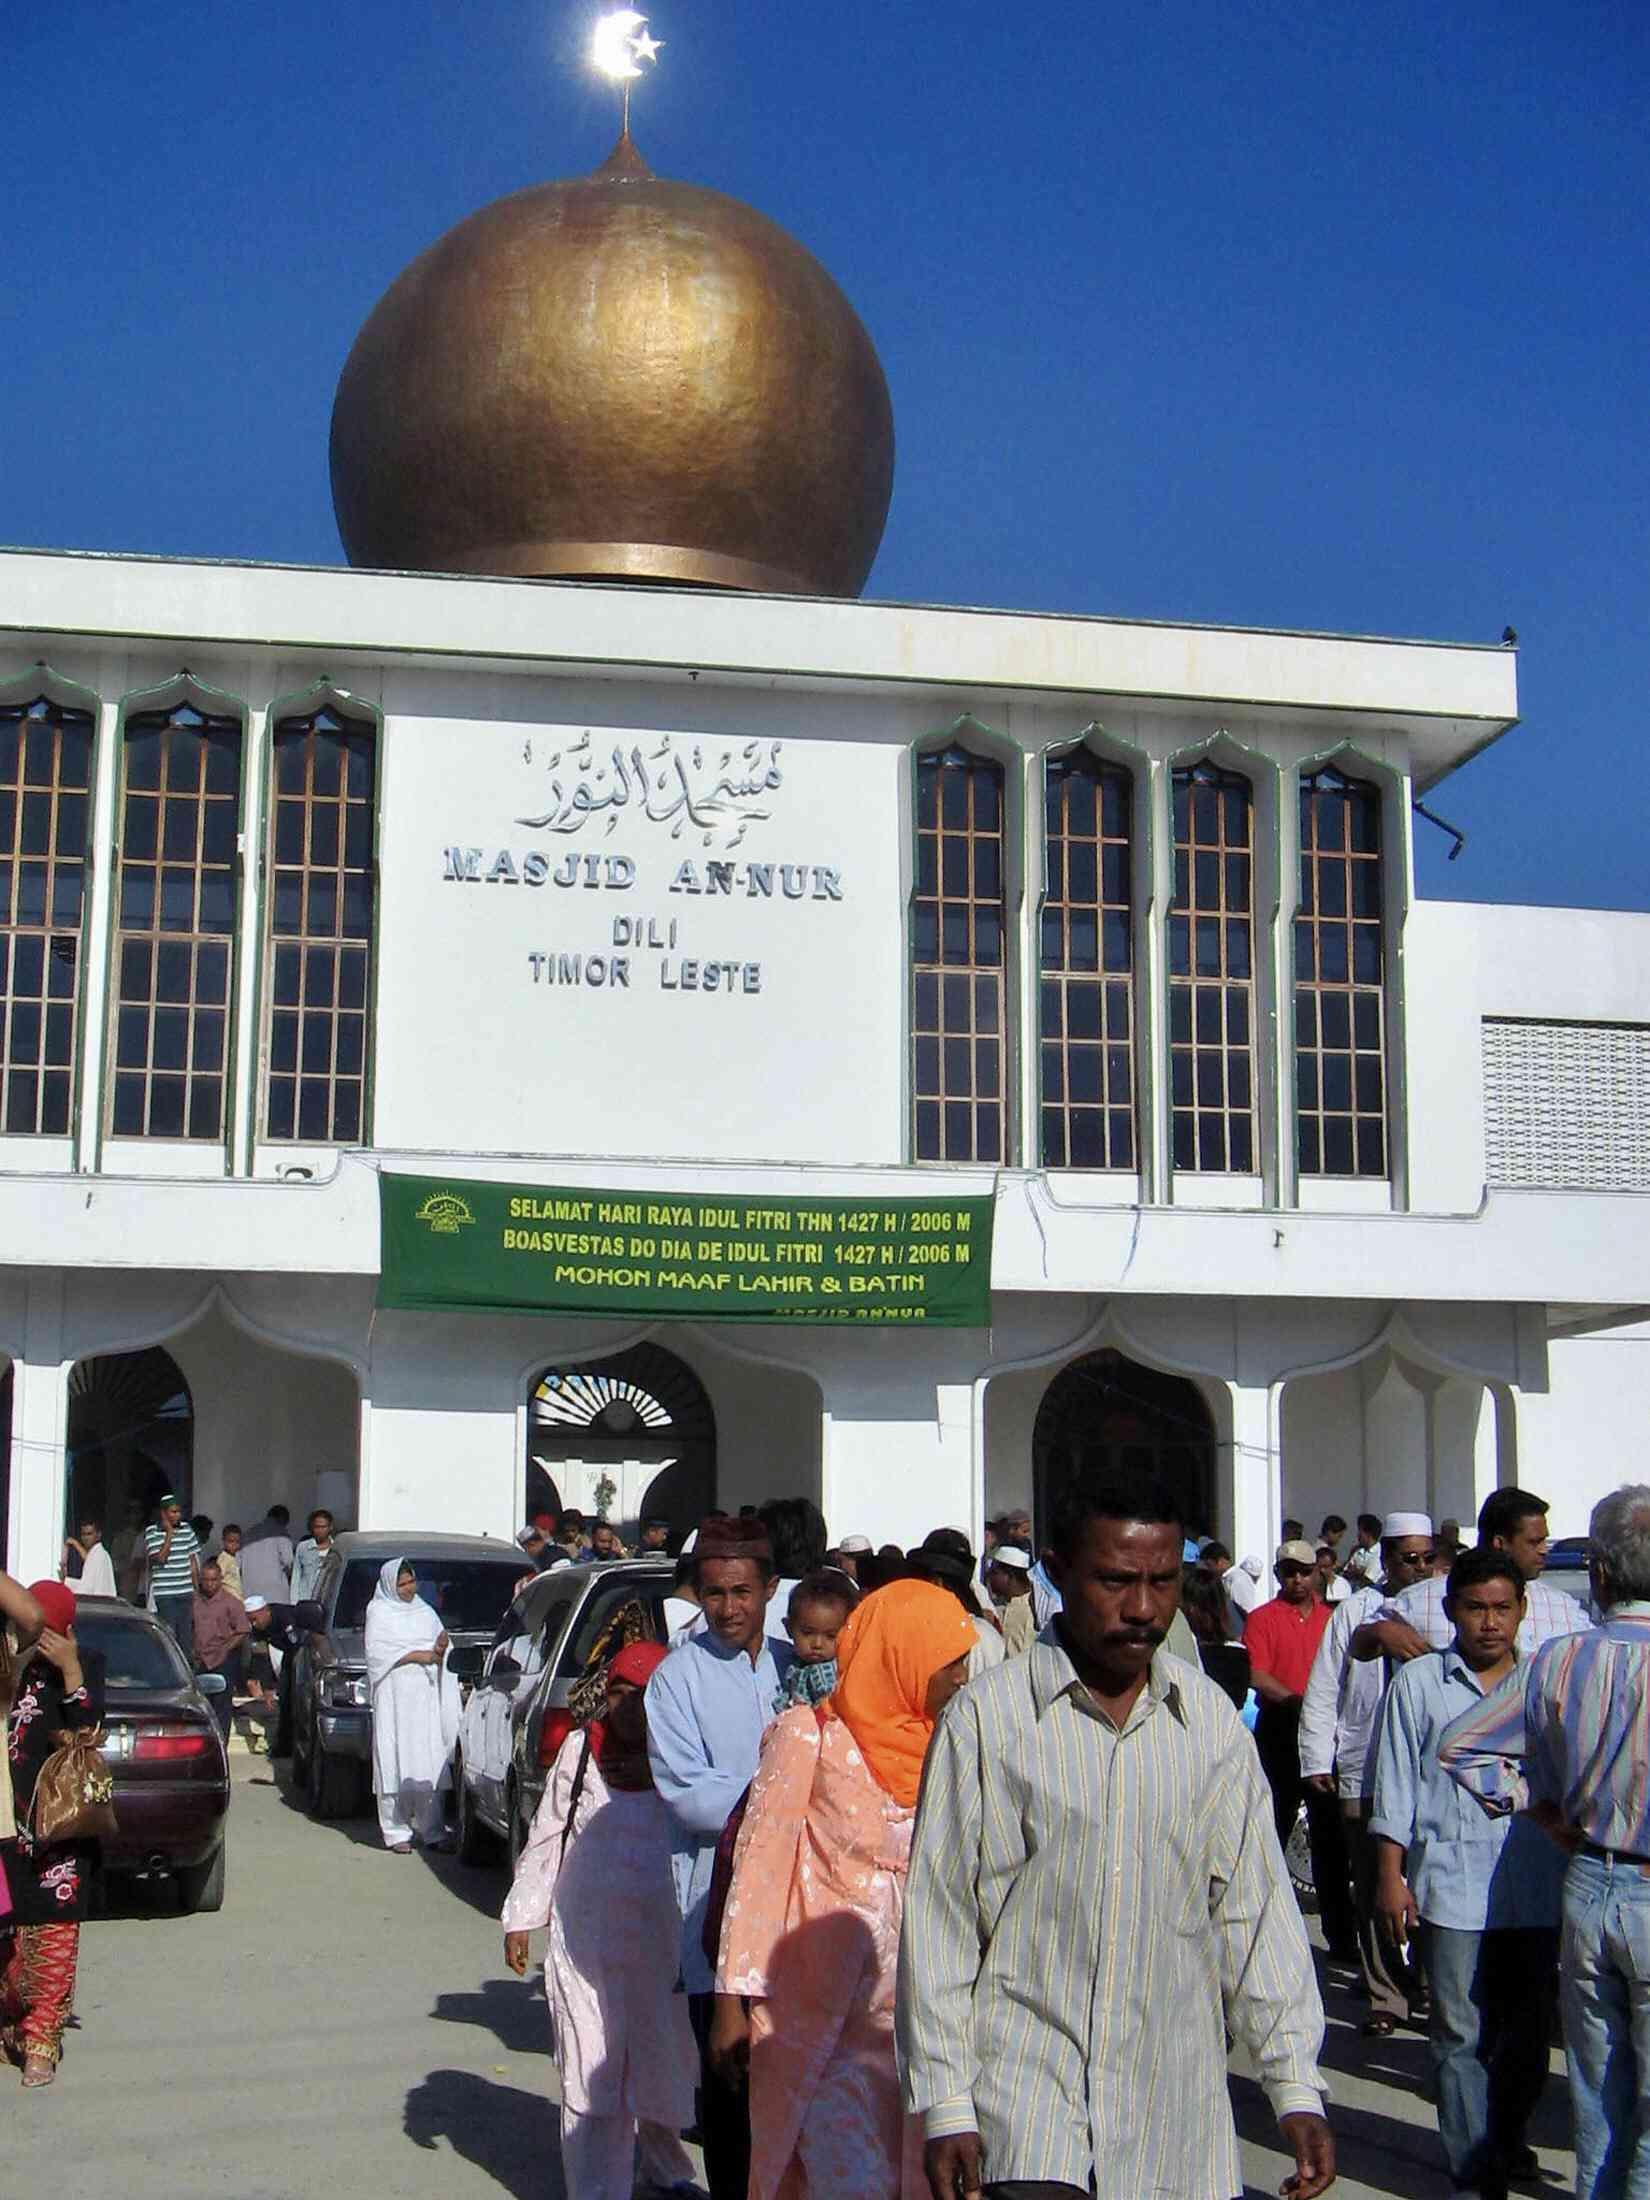 Devotees of a minority Muslim community East Timor